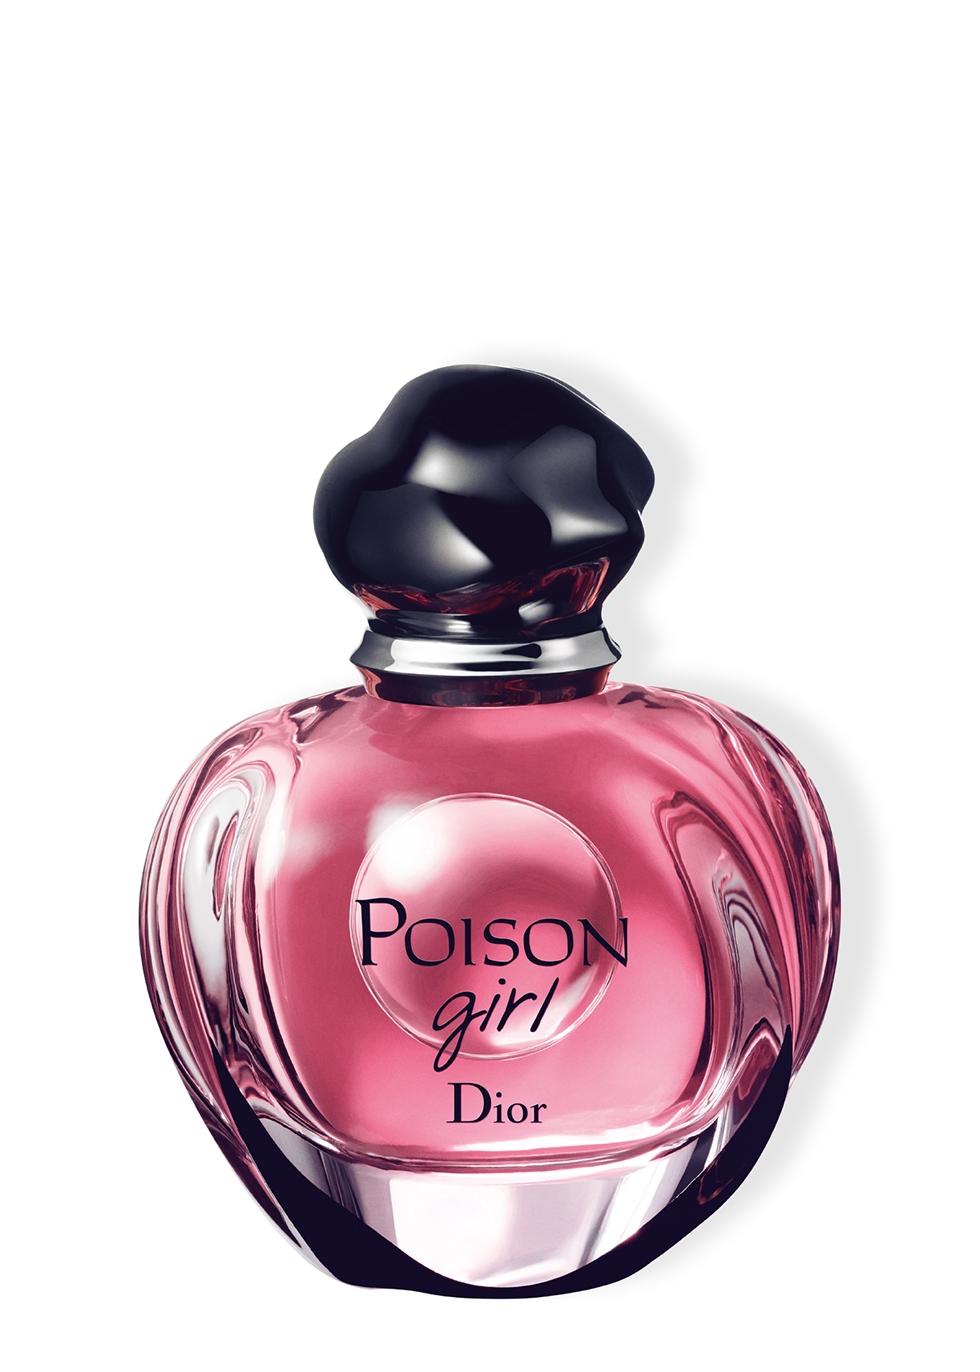 Poison Girl Eau de Parfum 50ml